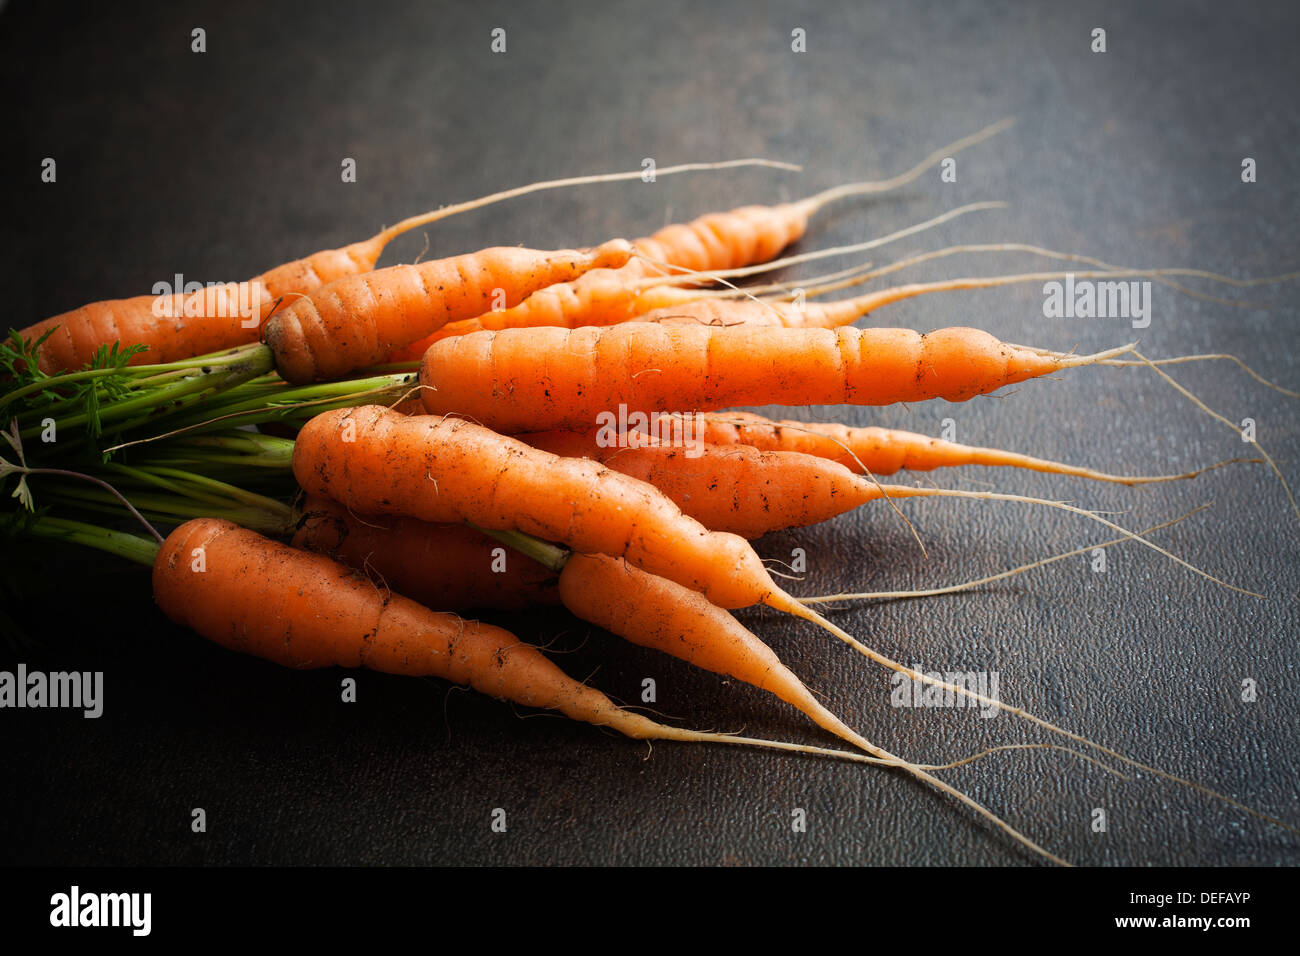 Montón de zanahorias frescas sobre fondo oscuro Imagen De Stock